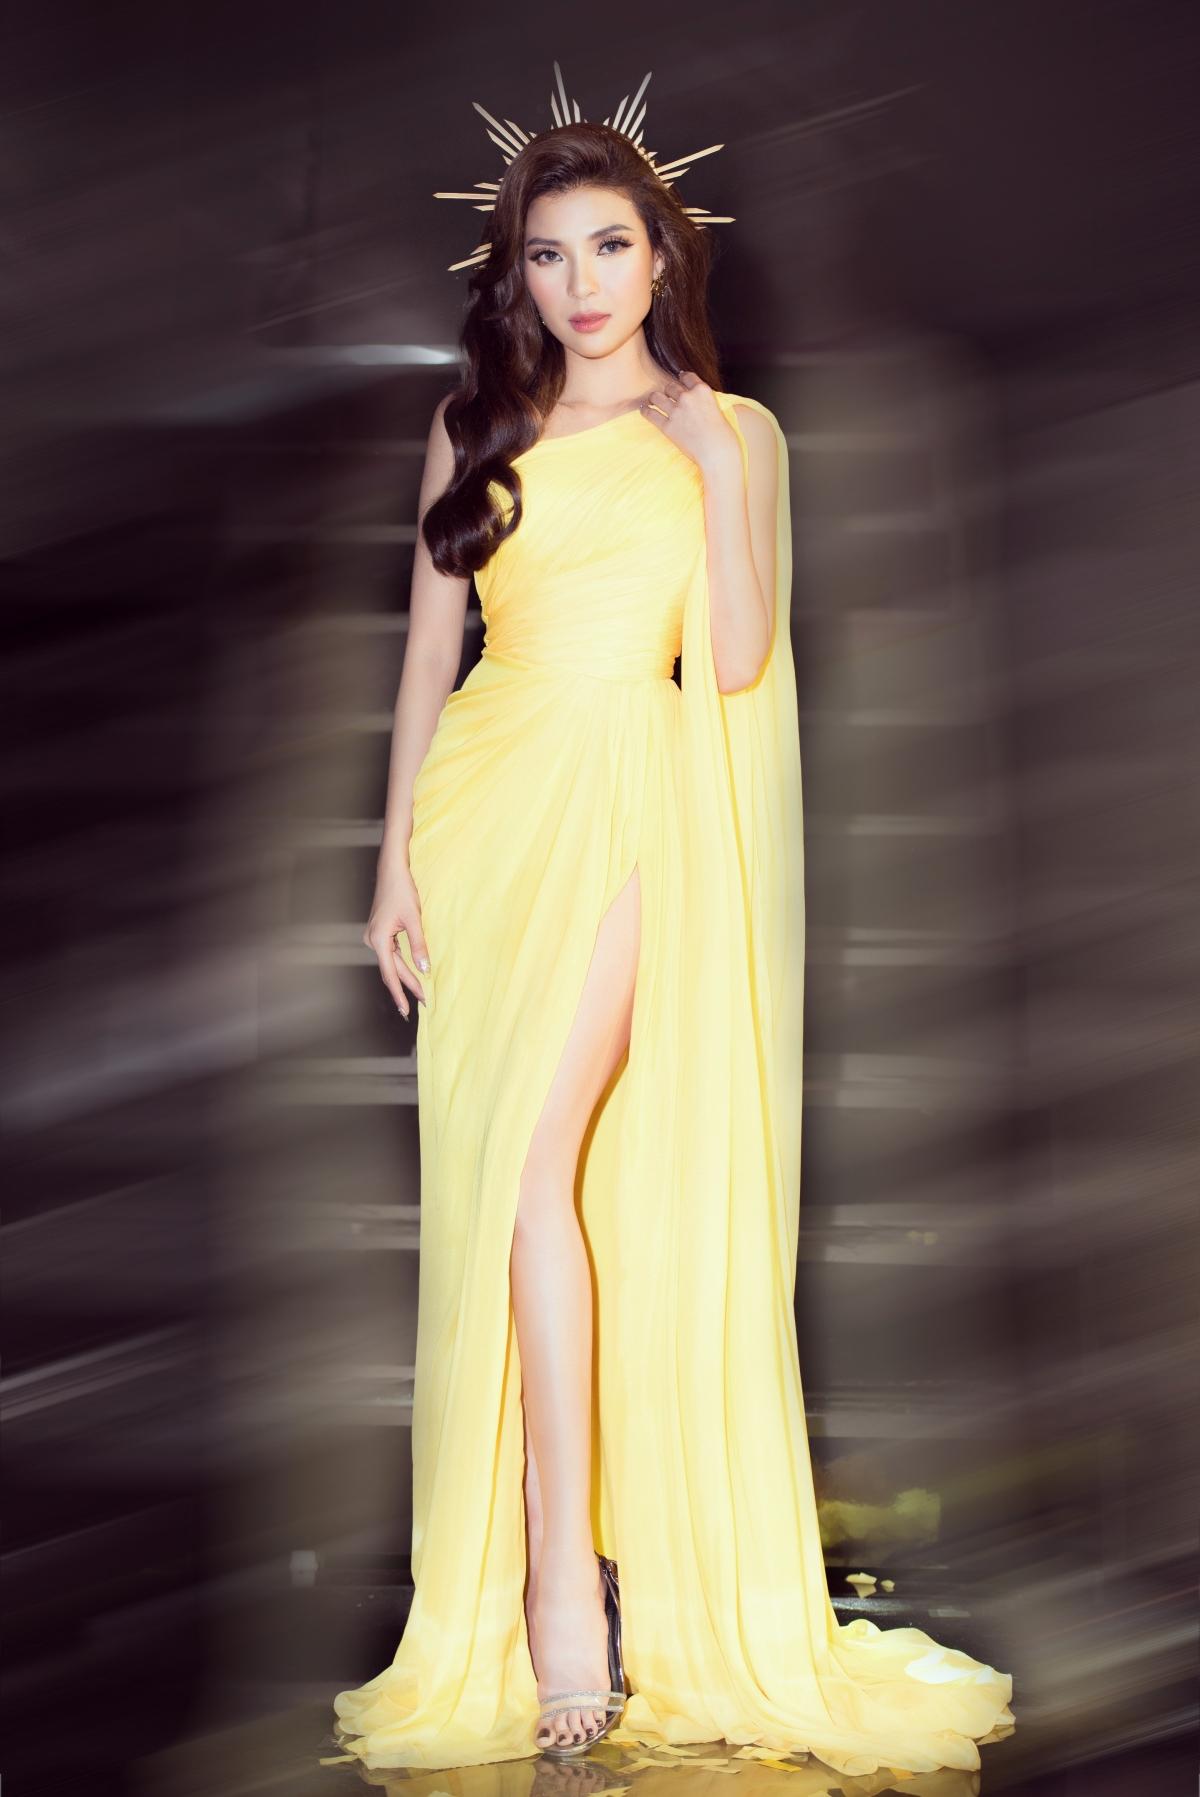 Cô dẫn dắt chương trình với chiếc đầm vàng do NTK Song Toàn thực hiện. Phom dáng cùng phong thái của nữ diễn viên tựa một nữ hoàng mùa thu đích thực.